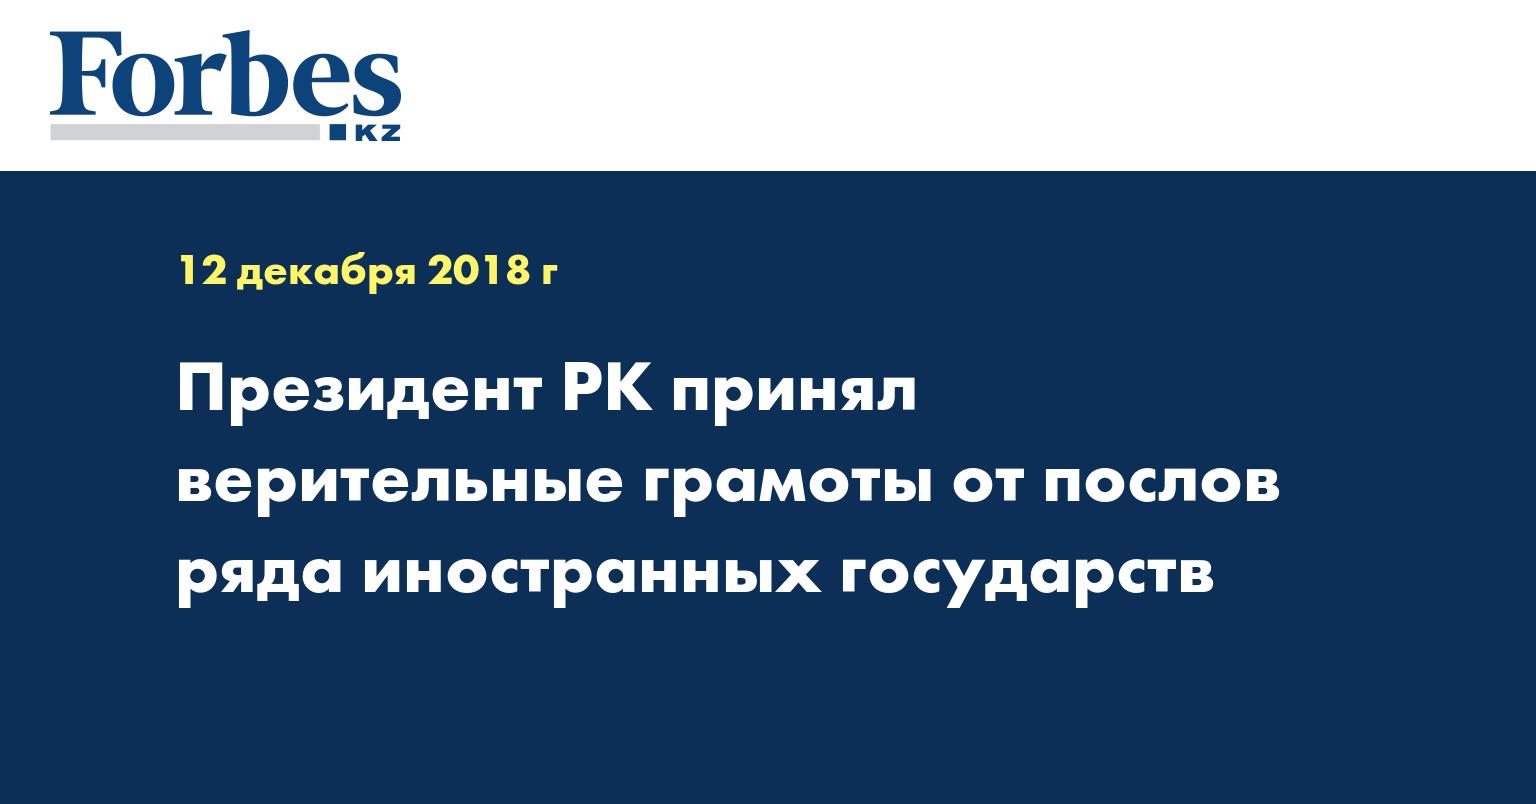 Президент РК принял верительные грамоты от послов ряда иностранных государств